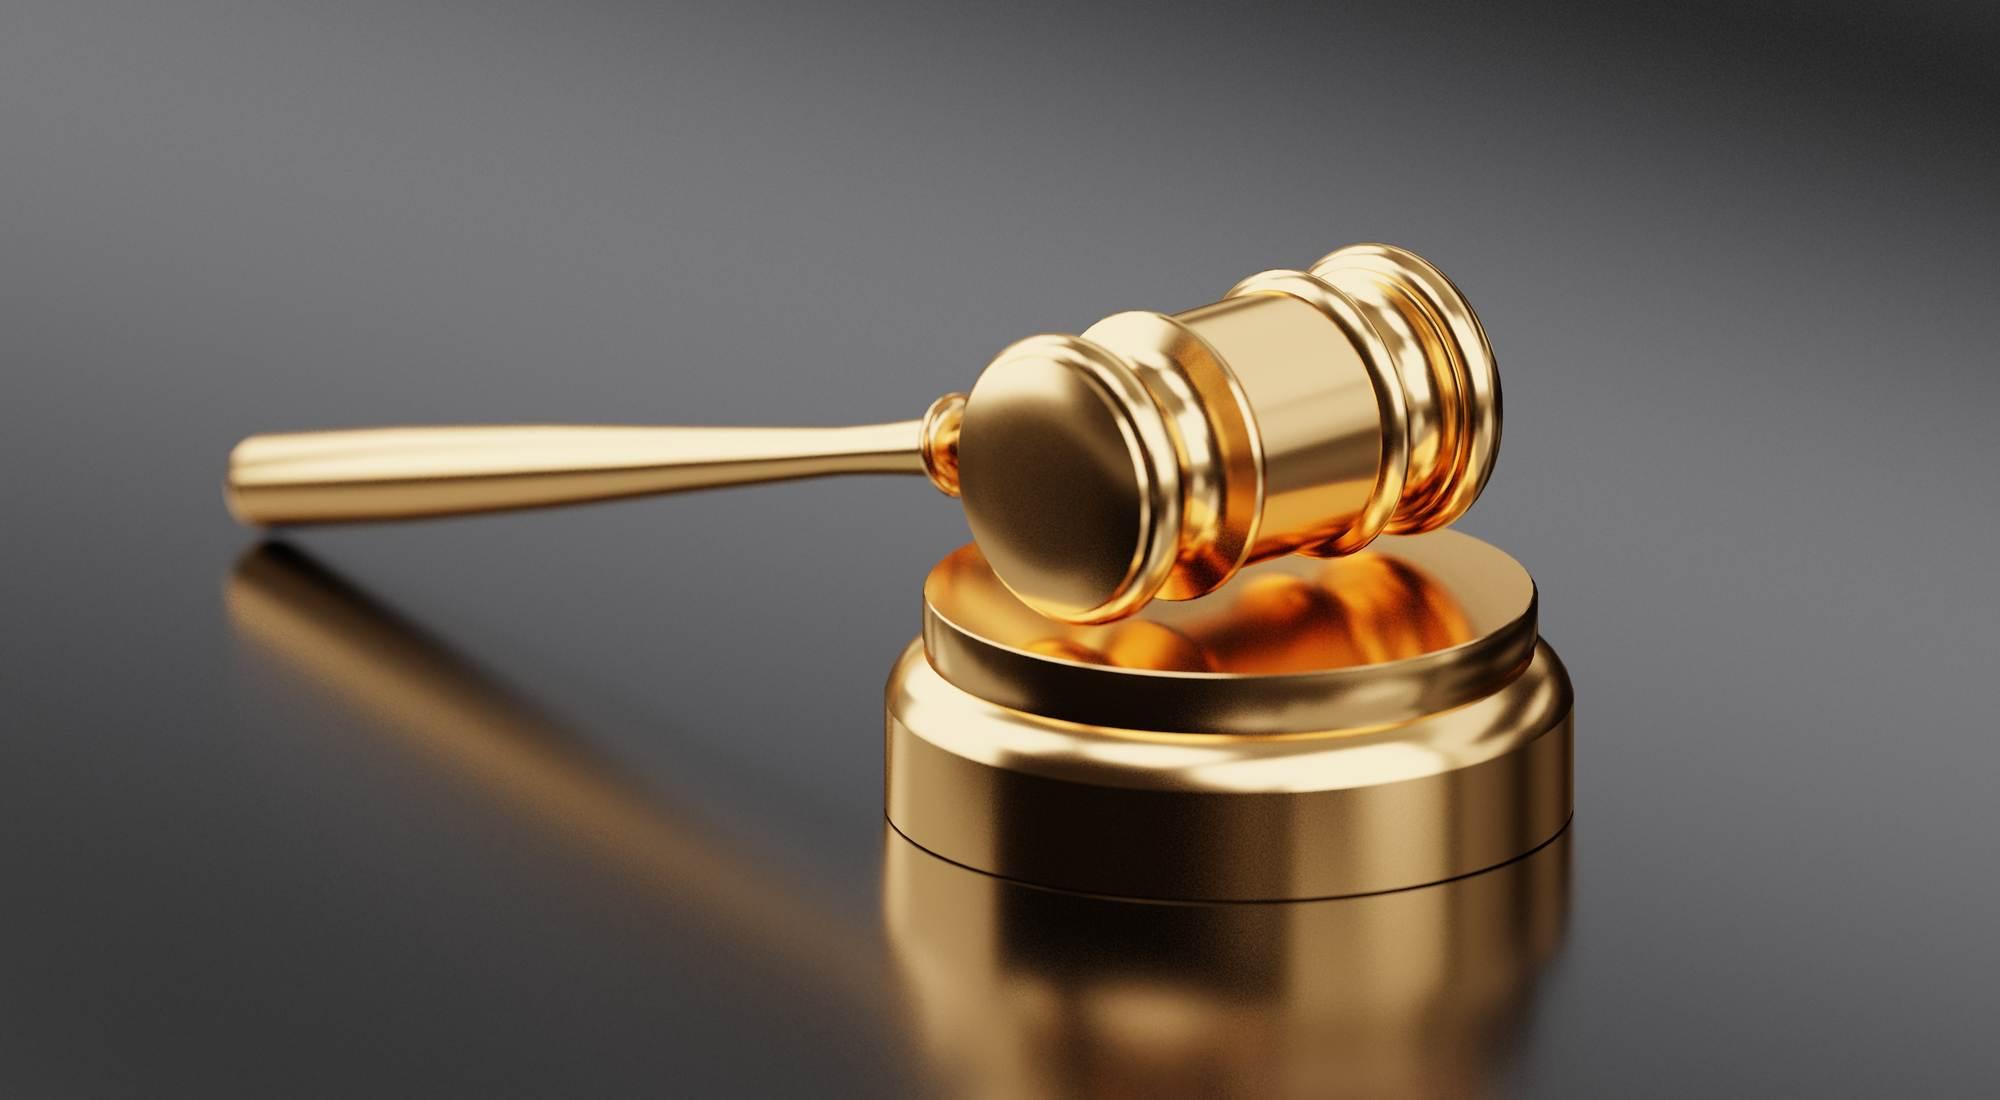 Złoty młotek sędziego